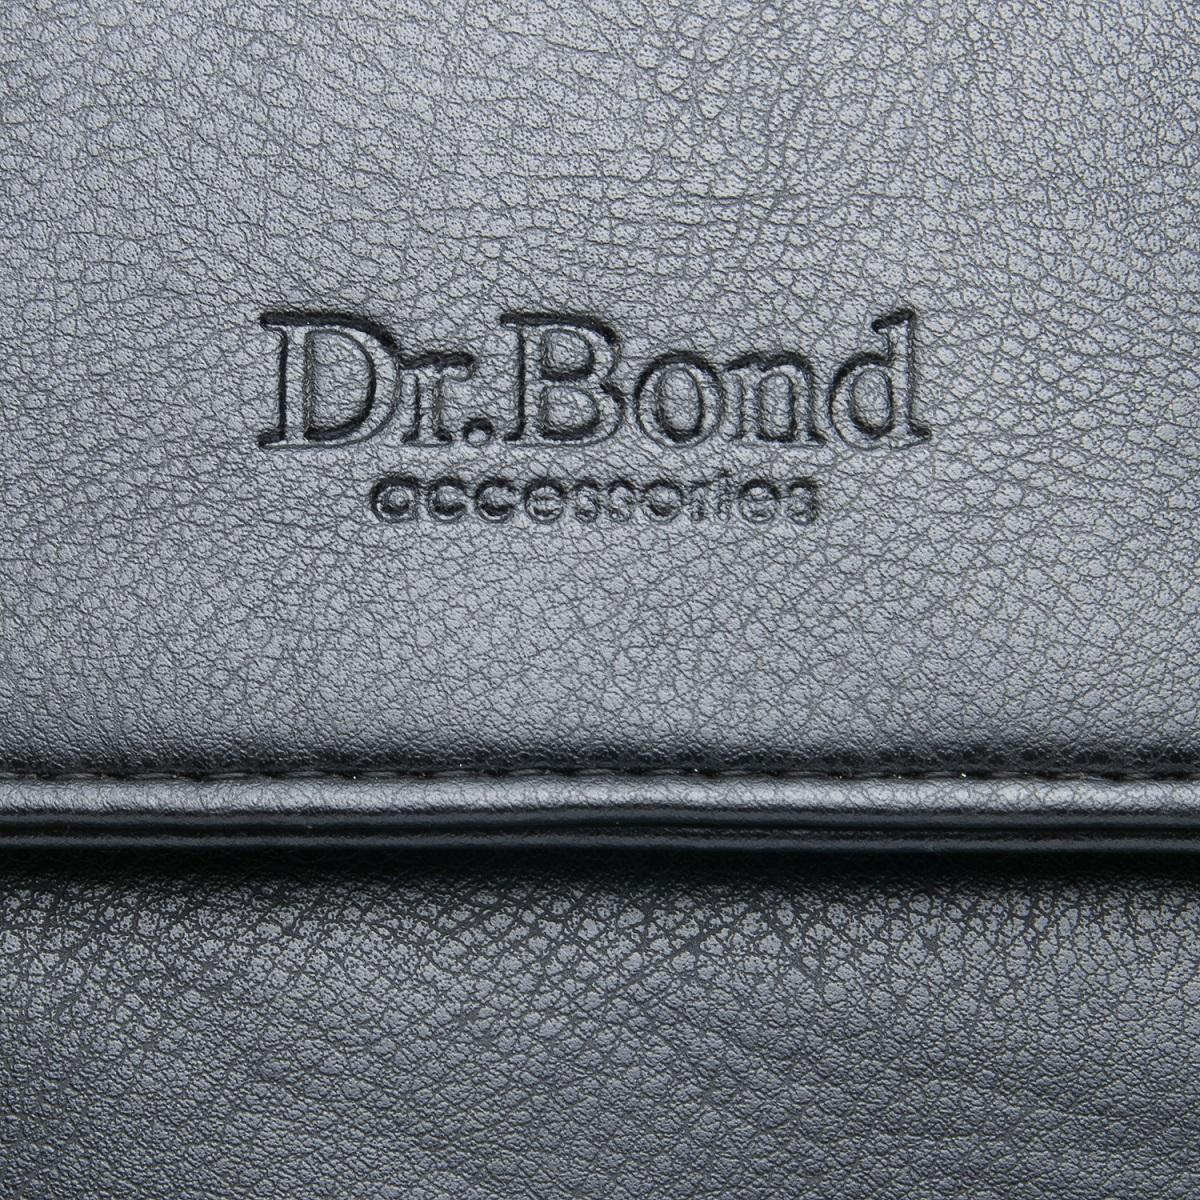 Сумка Мужская Планшет иск-кожа DR. BOND GL 319-3 black - фото 3